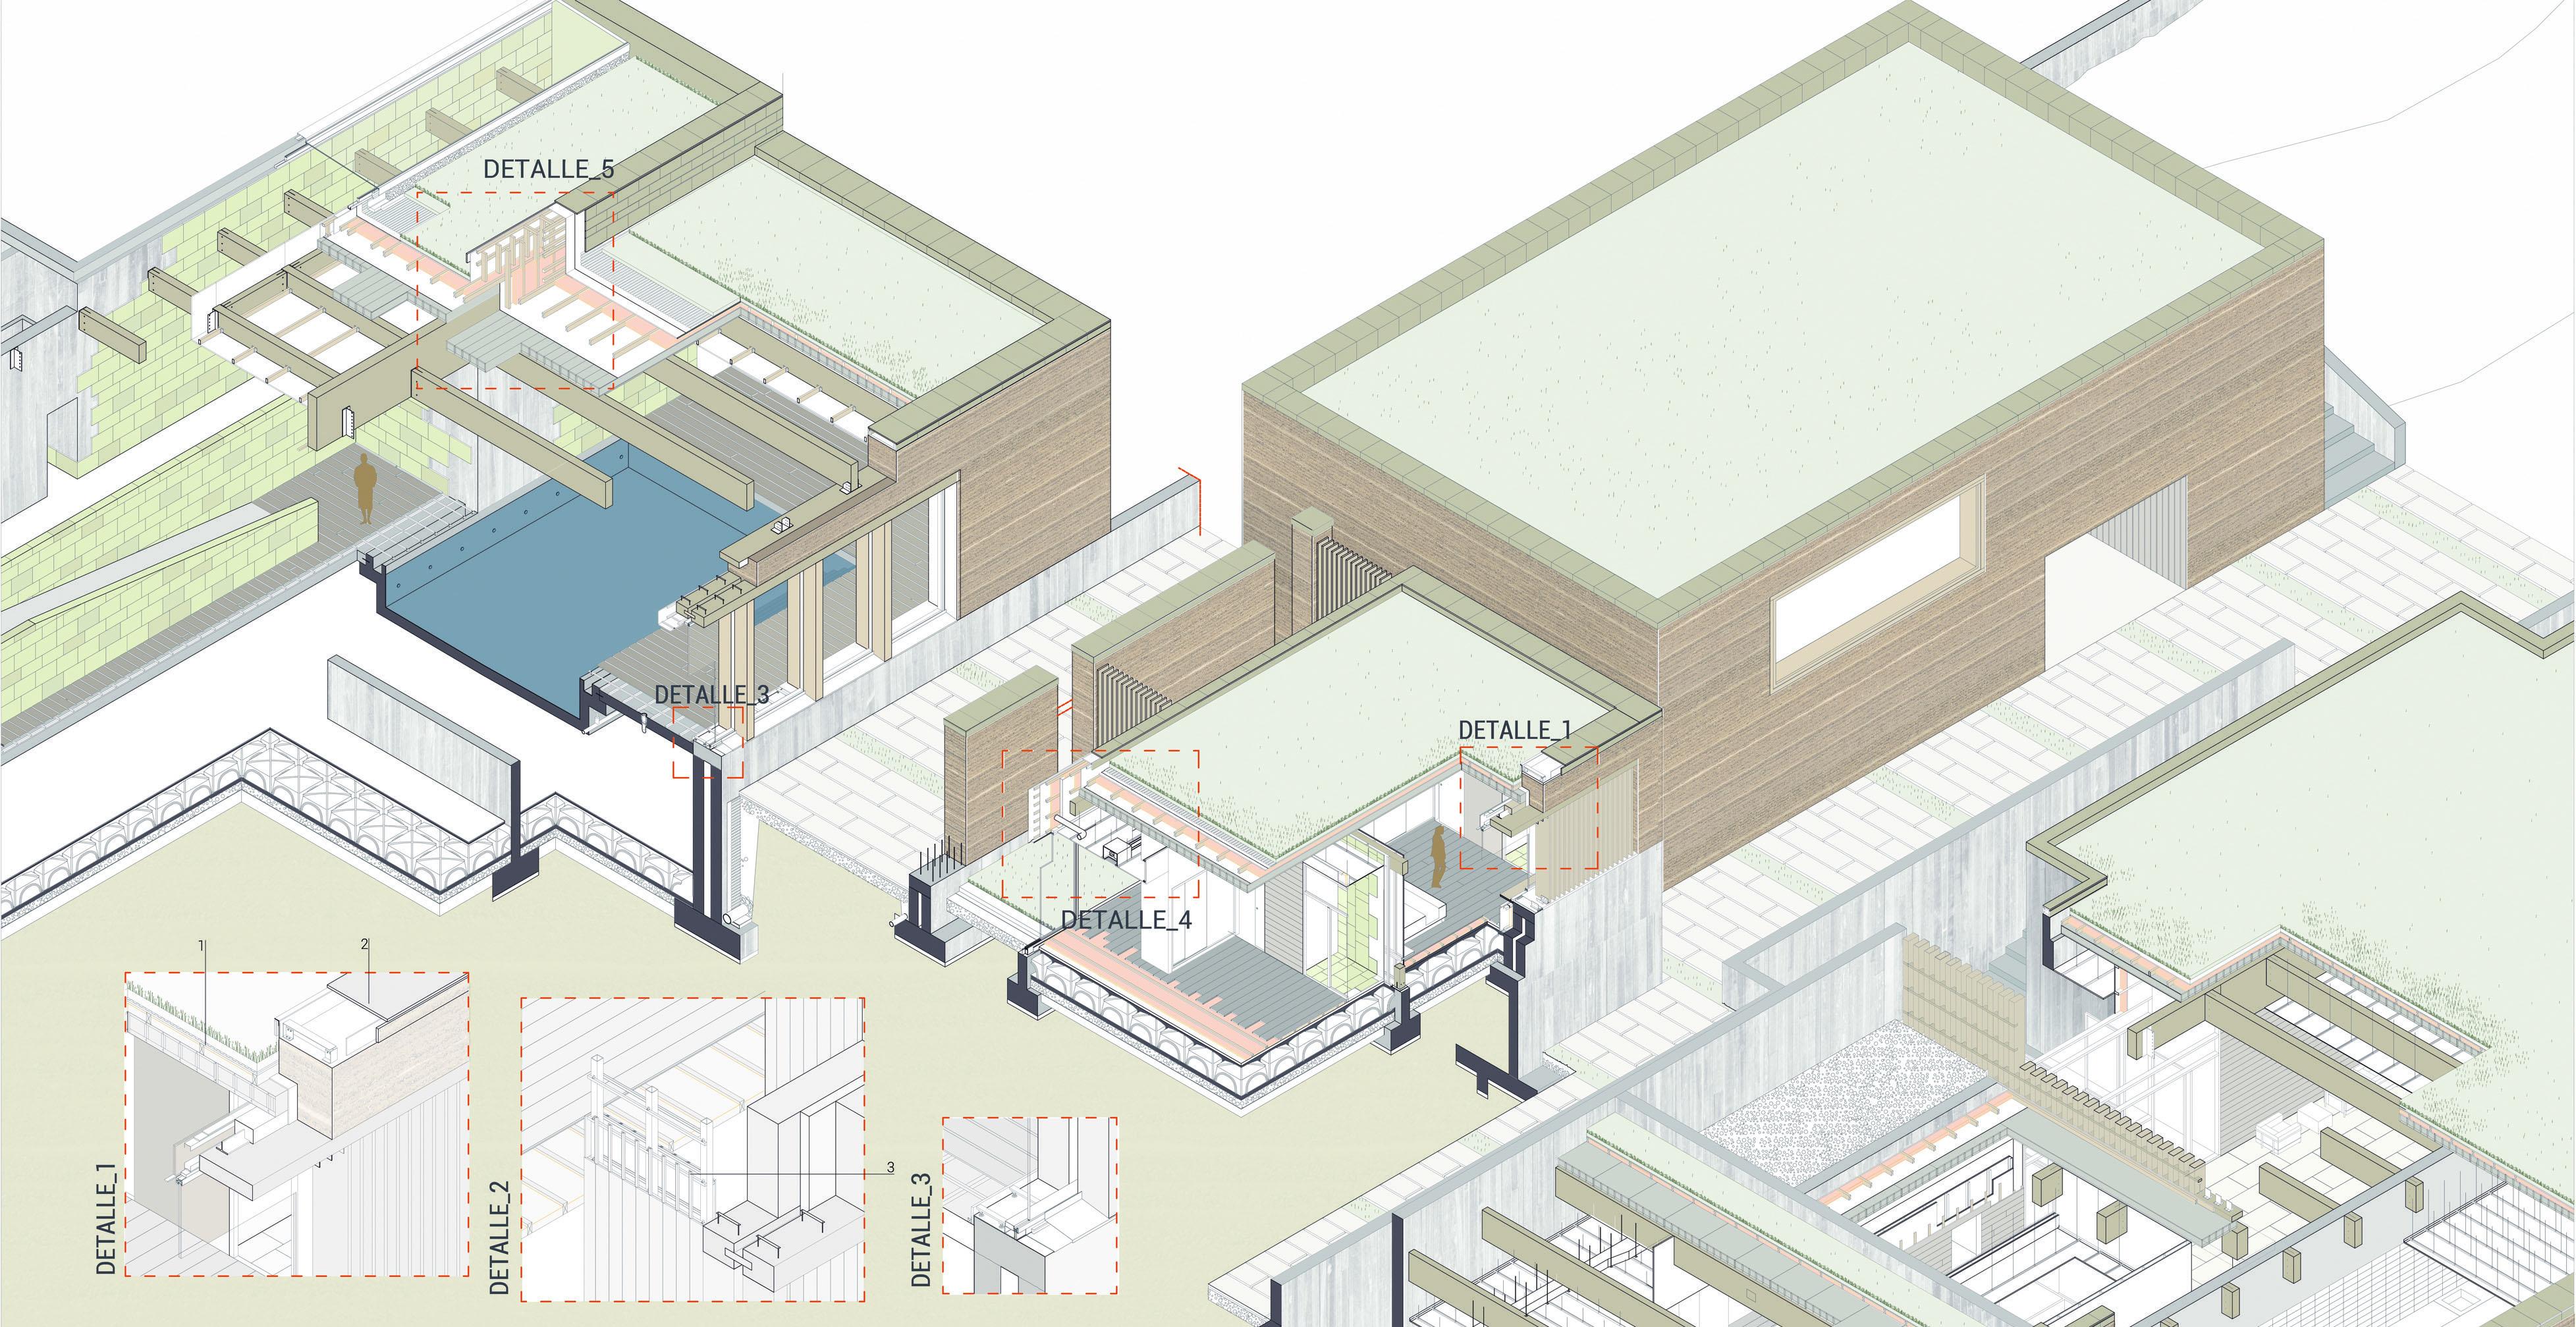 Tapial y Arquitectura. Mola o no mola